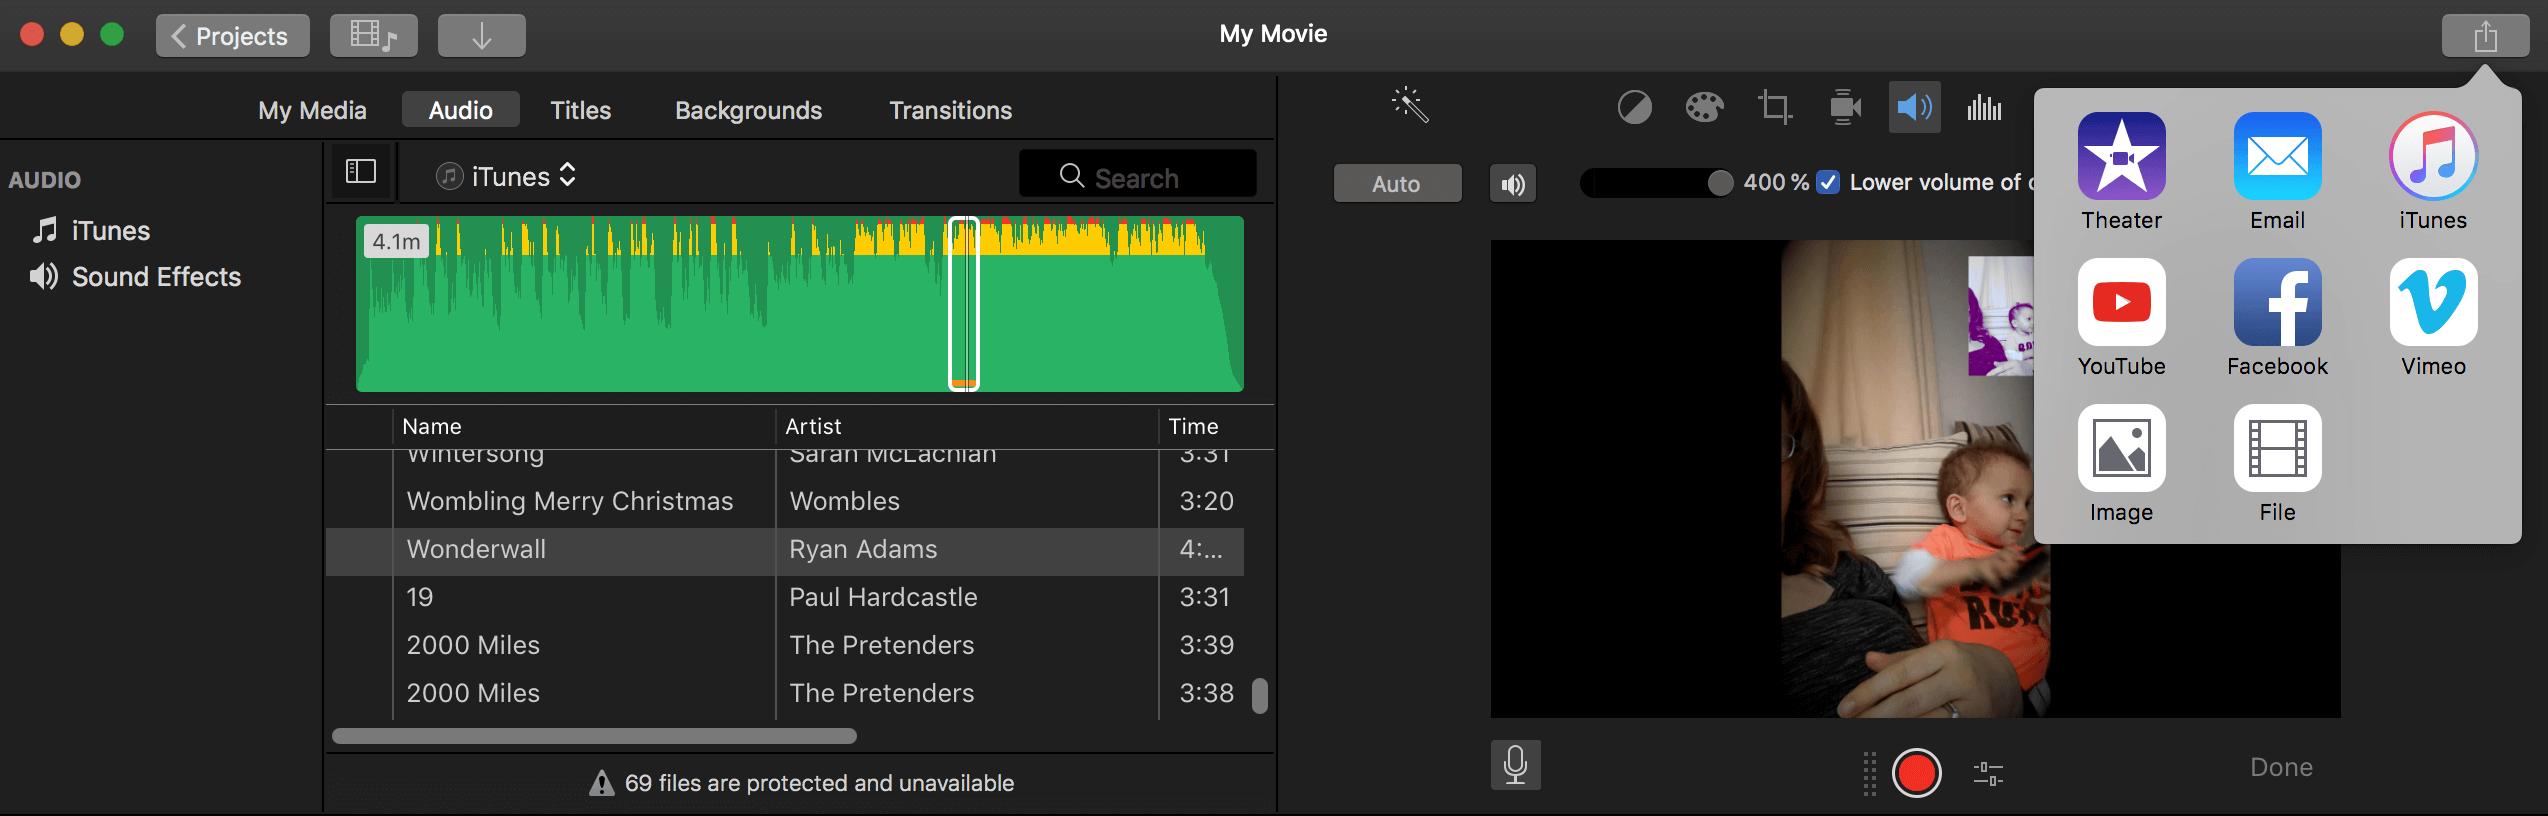 تحميل ايموفي القديم للايفون برنامج imovie